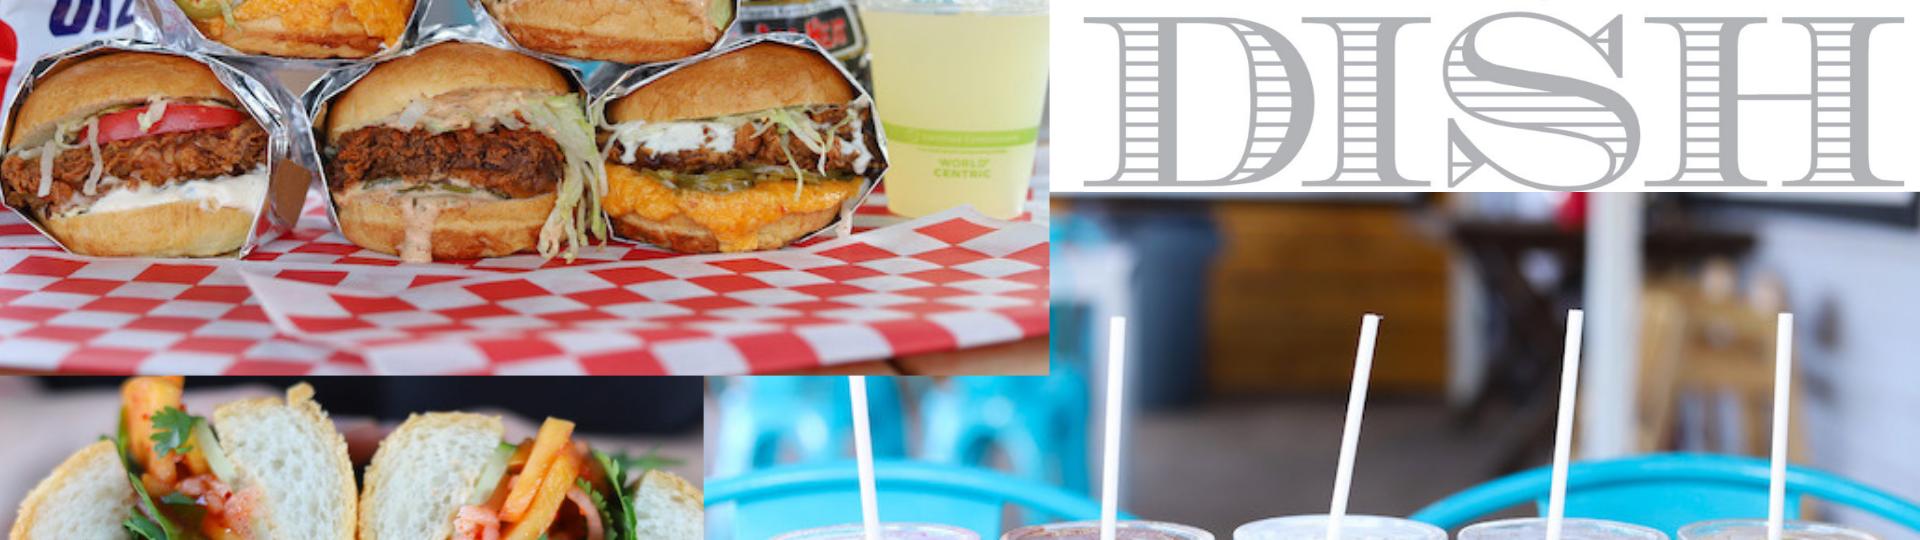 pulled pork burgers, delicious dish logo, chicken sandwich, milkshakes